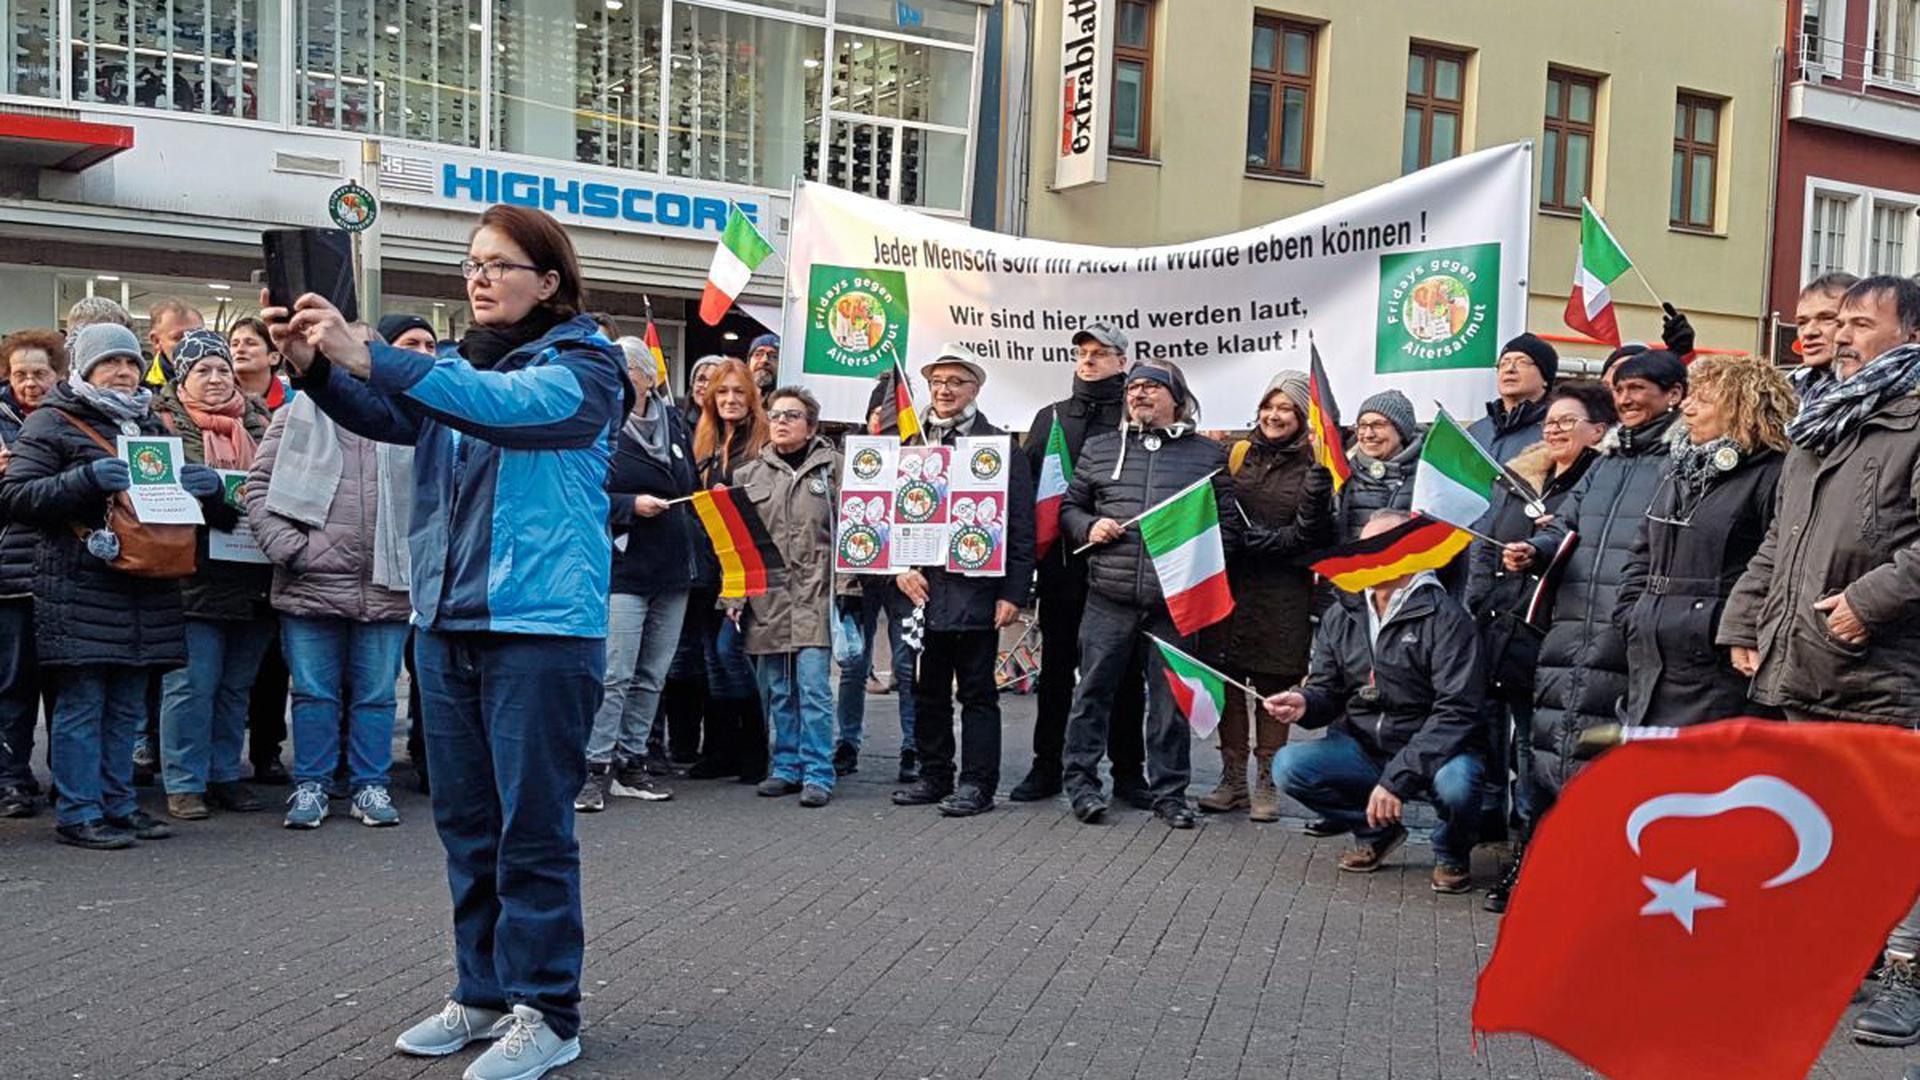 Gruppenselfie für mehr Rente: Die Teilnehmer der Mahnwache am Freitagnachmittag in Karlsruhe. Fridays gegen Altersarmut